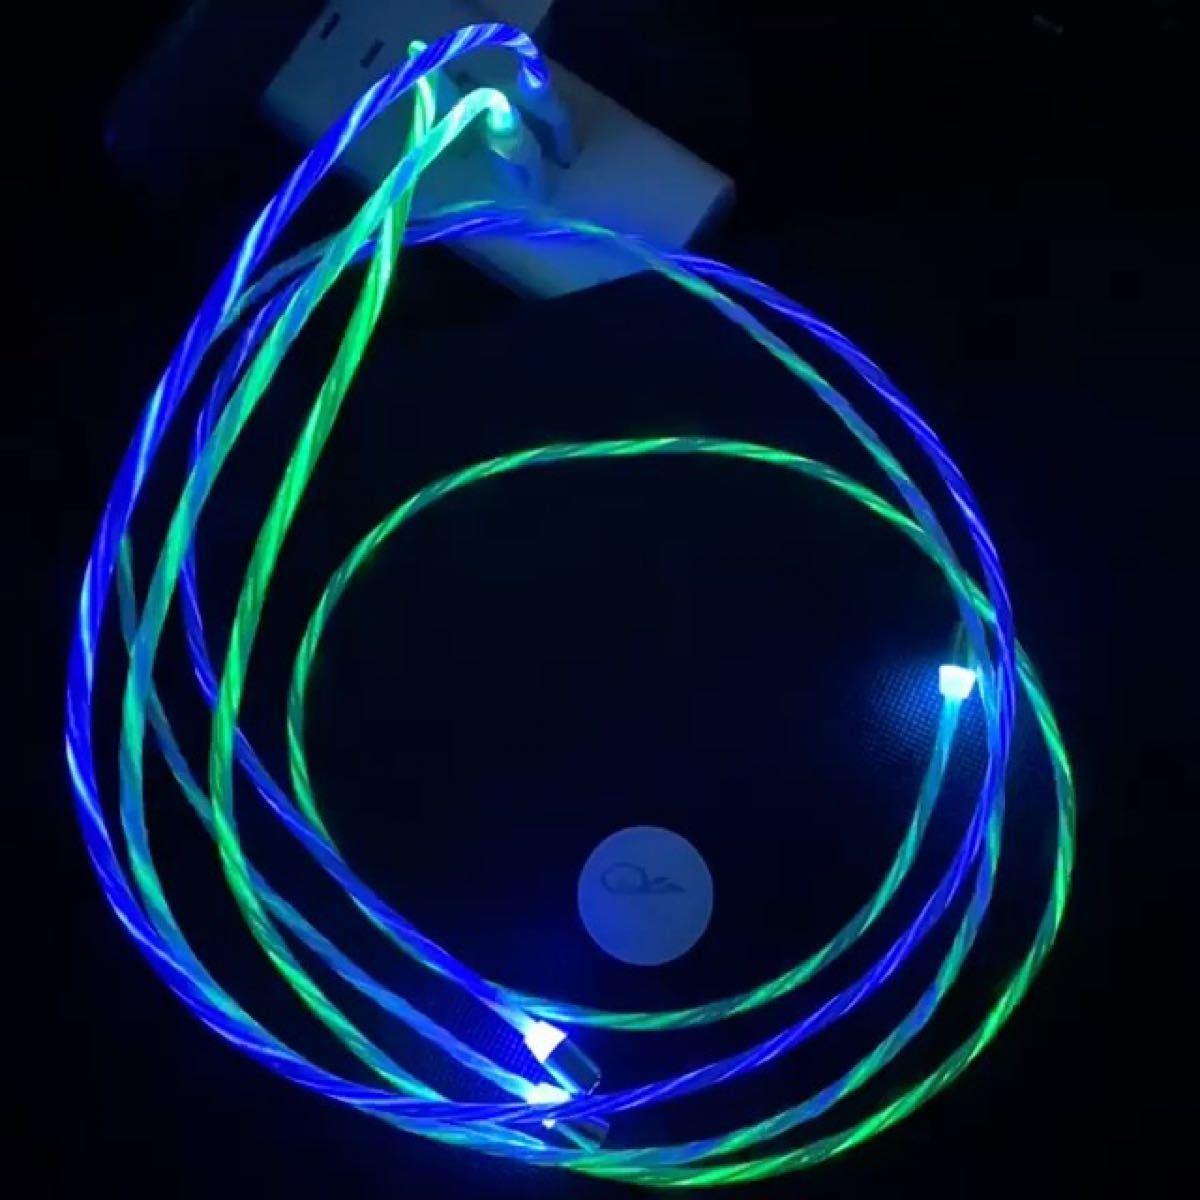 LED 発光 マグネット充電ケーブル 1M*3本+iPhone *2Android*2TYPE-C*2急速充電 磁石式 ケーブル